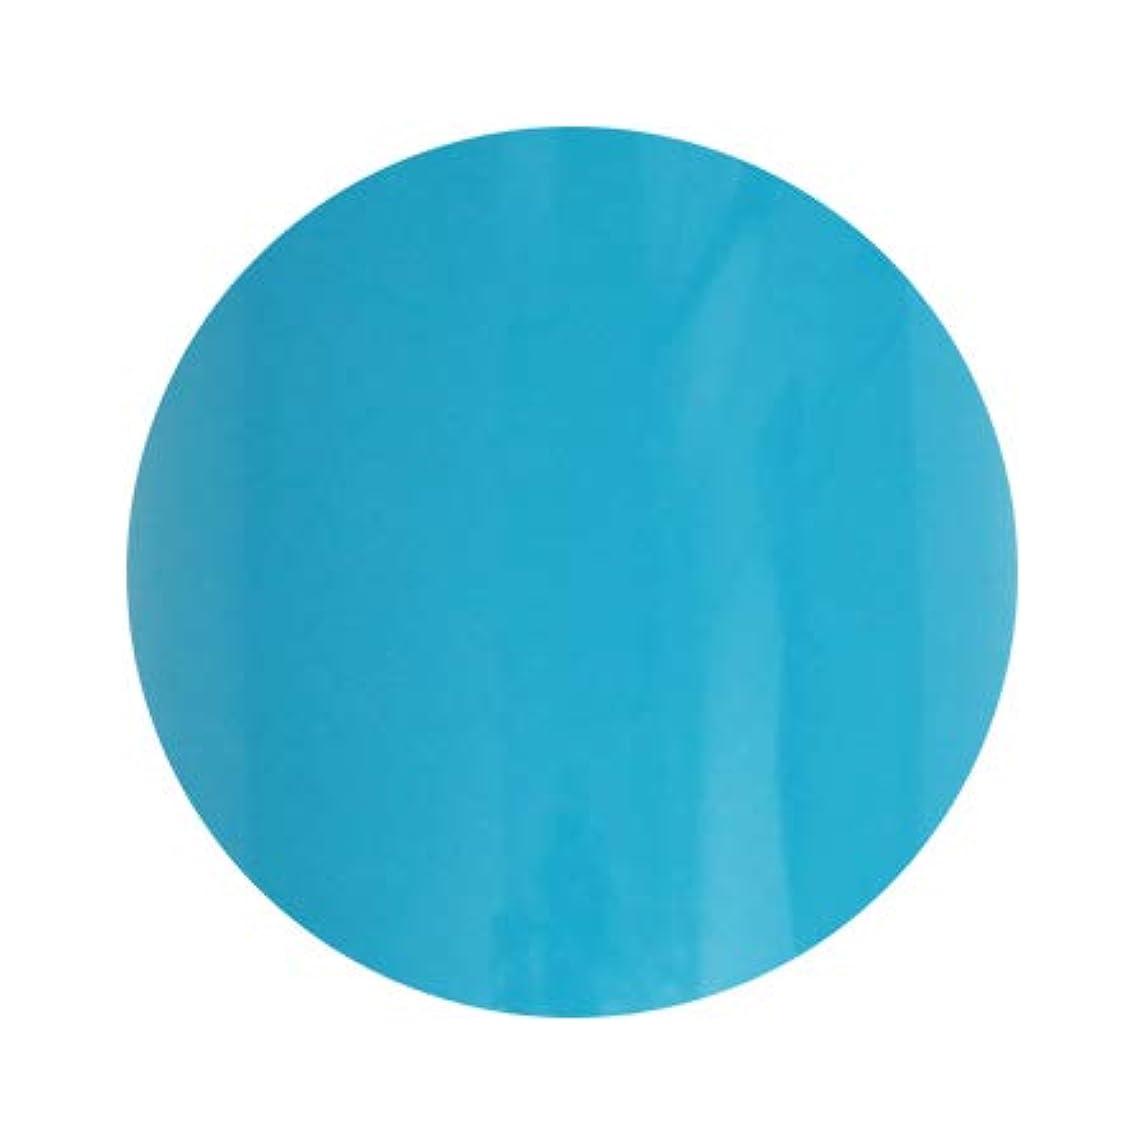 一部ホーム無声でLUCU GEL ルクジェル カラー BLM14 ネイティブブルー 3.5g